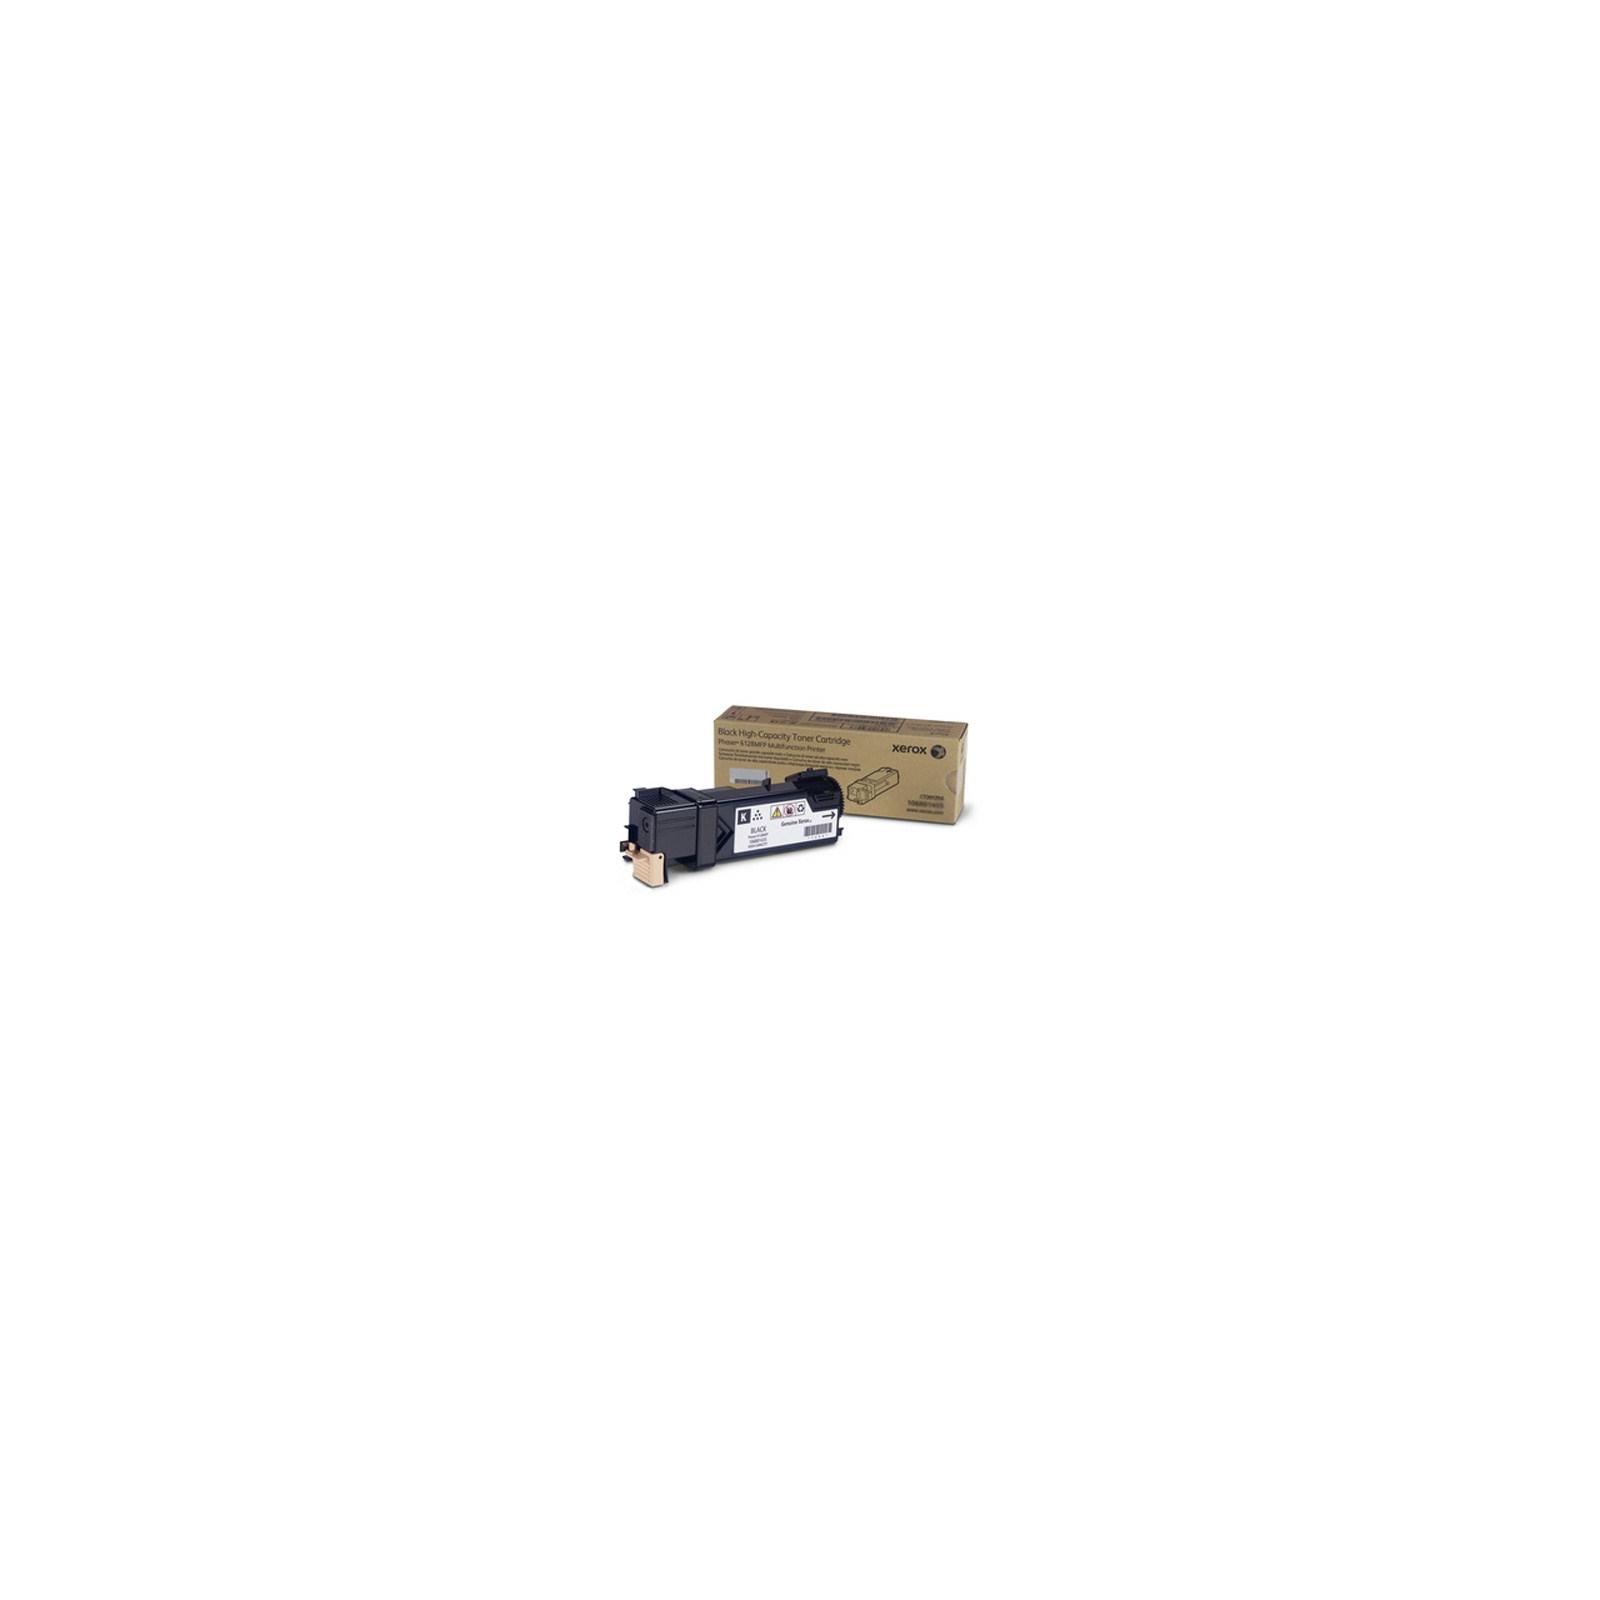 Тонер-картридж XEROX PH6128 Black (106R01459)